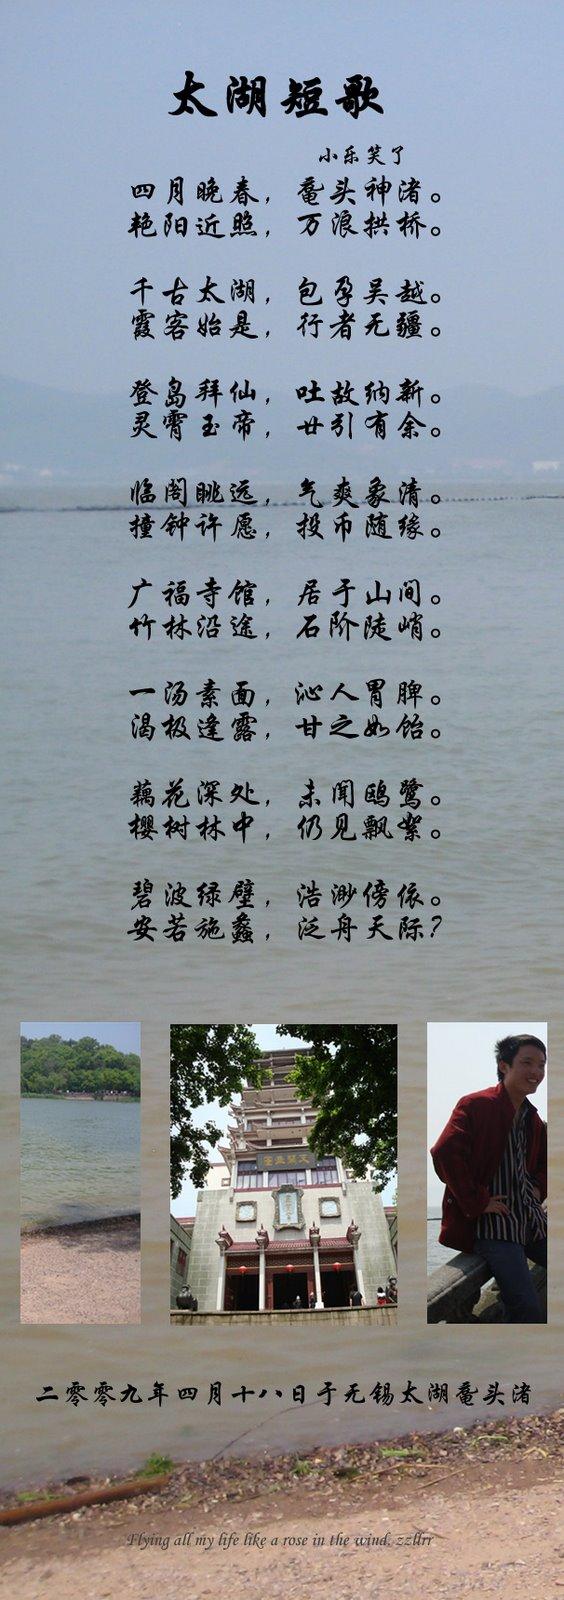 无锡太湖鼋头渚之行